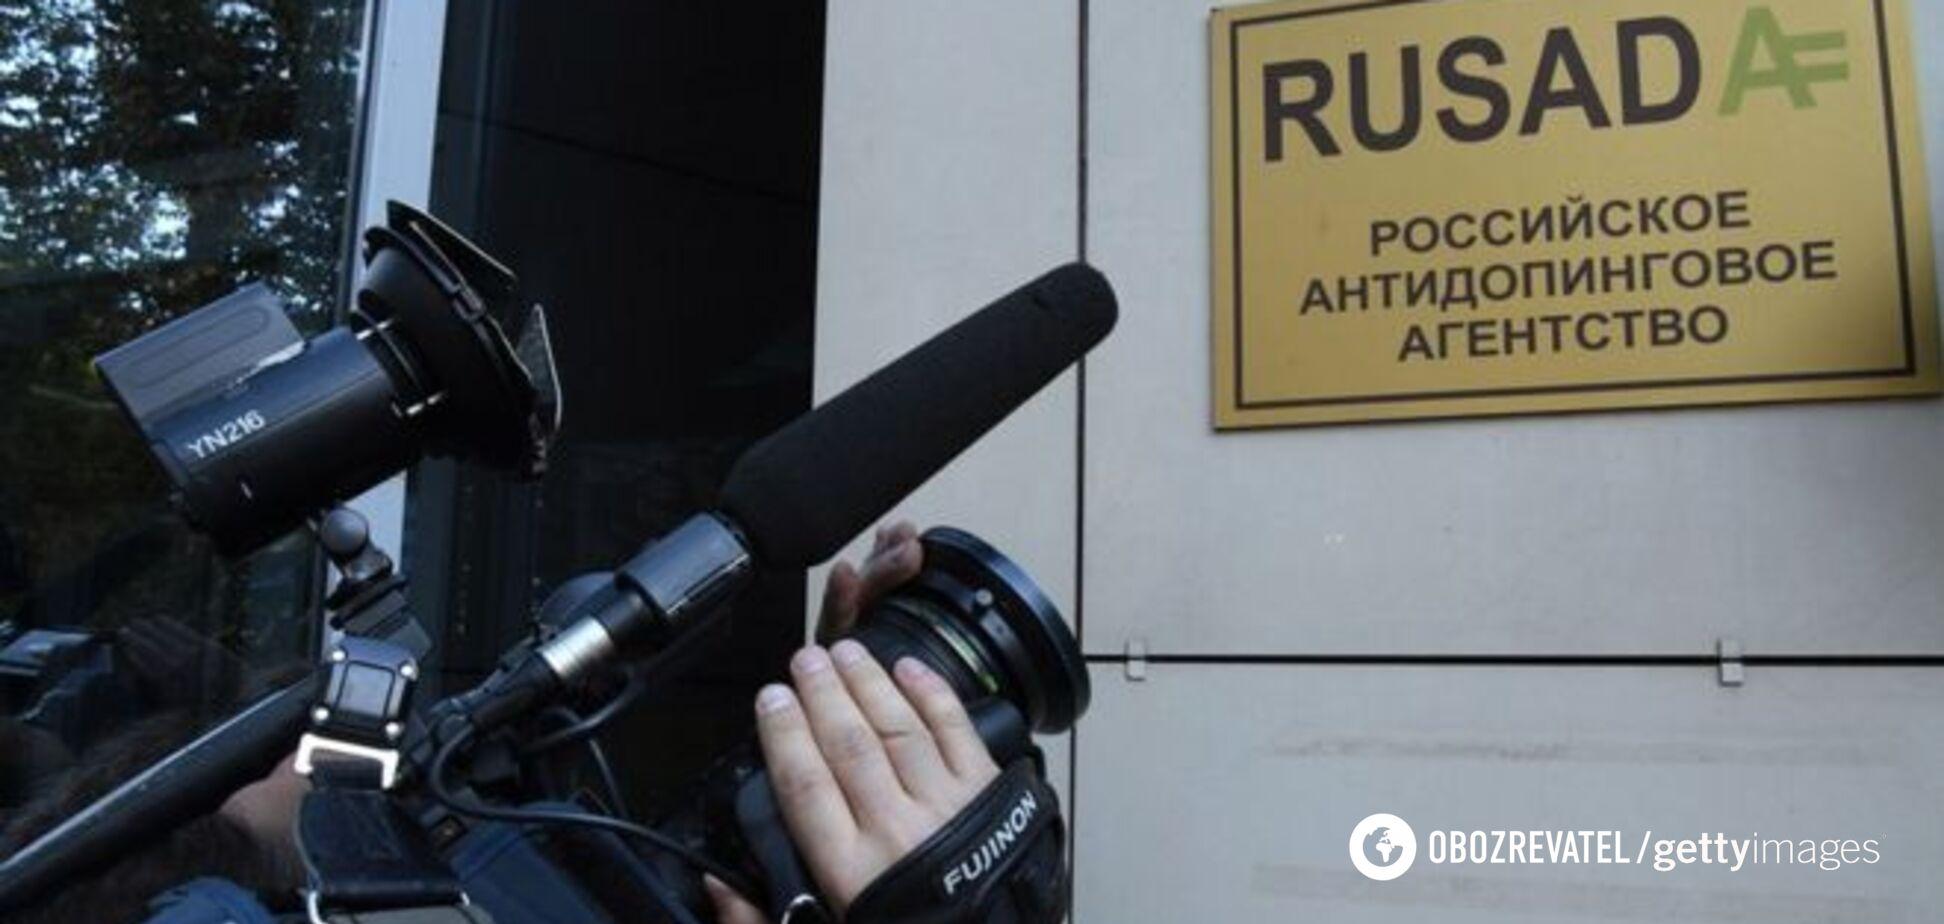 Самые суровые санкции: МОК отреагировал на допинг-скандал с Россией